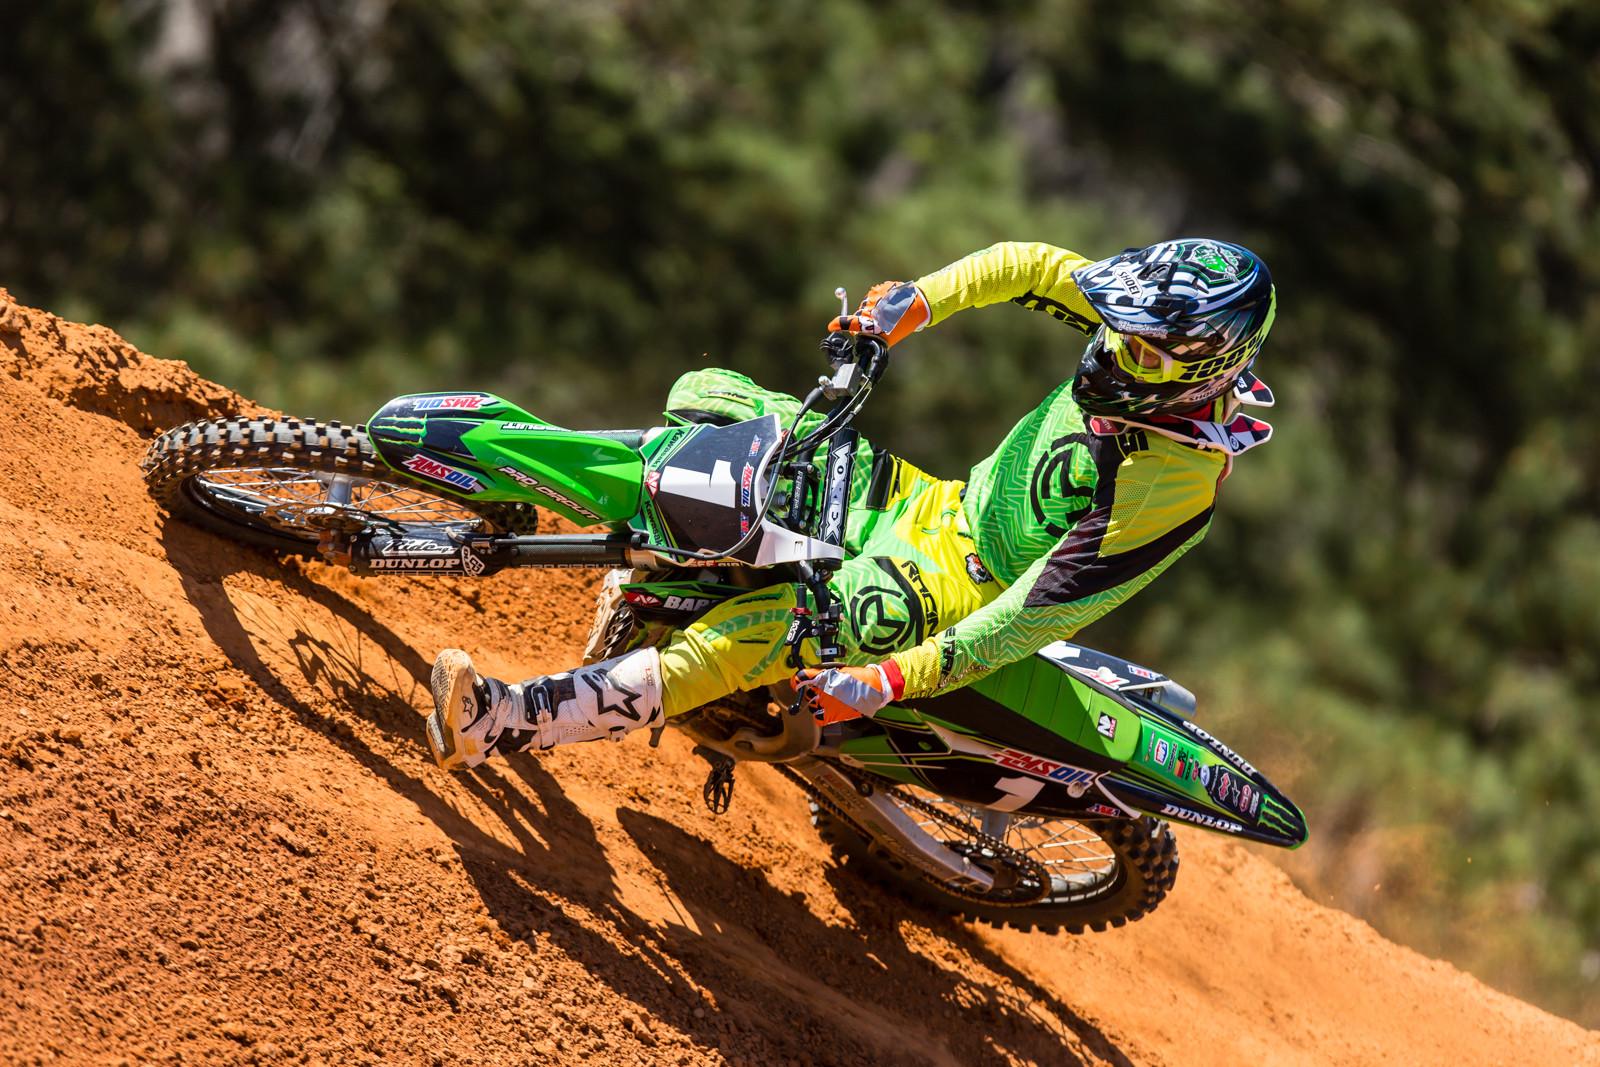 Gavin Faith - Photo Gallery: The Nest, Goat Farm, and MTF - Motocross Pictures - Vital MX